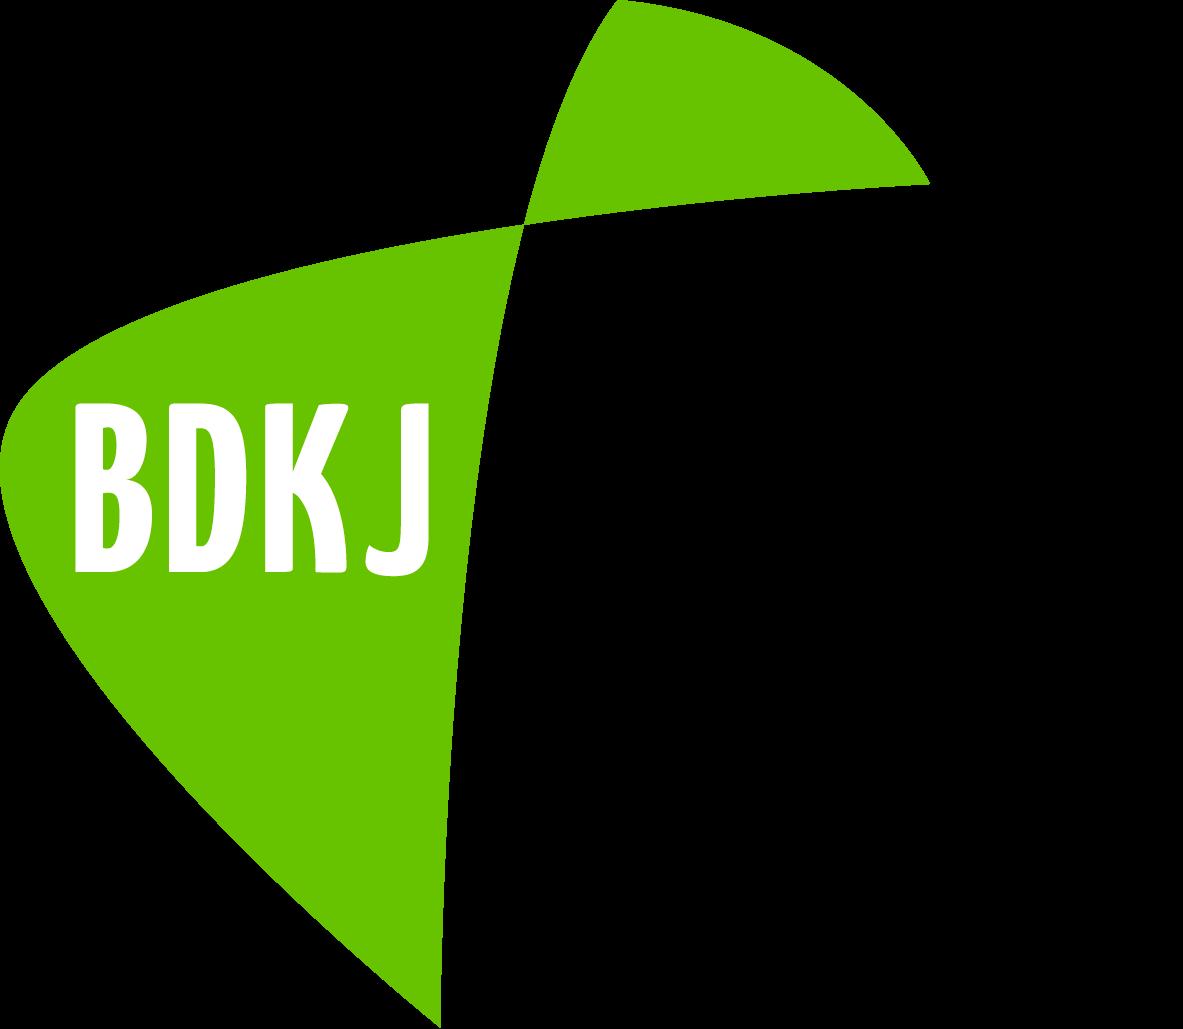 Beschluss des BDKJ: Befreit die Freizeit!